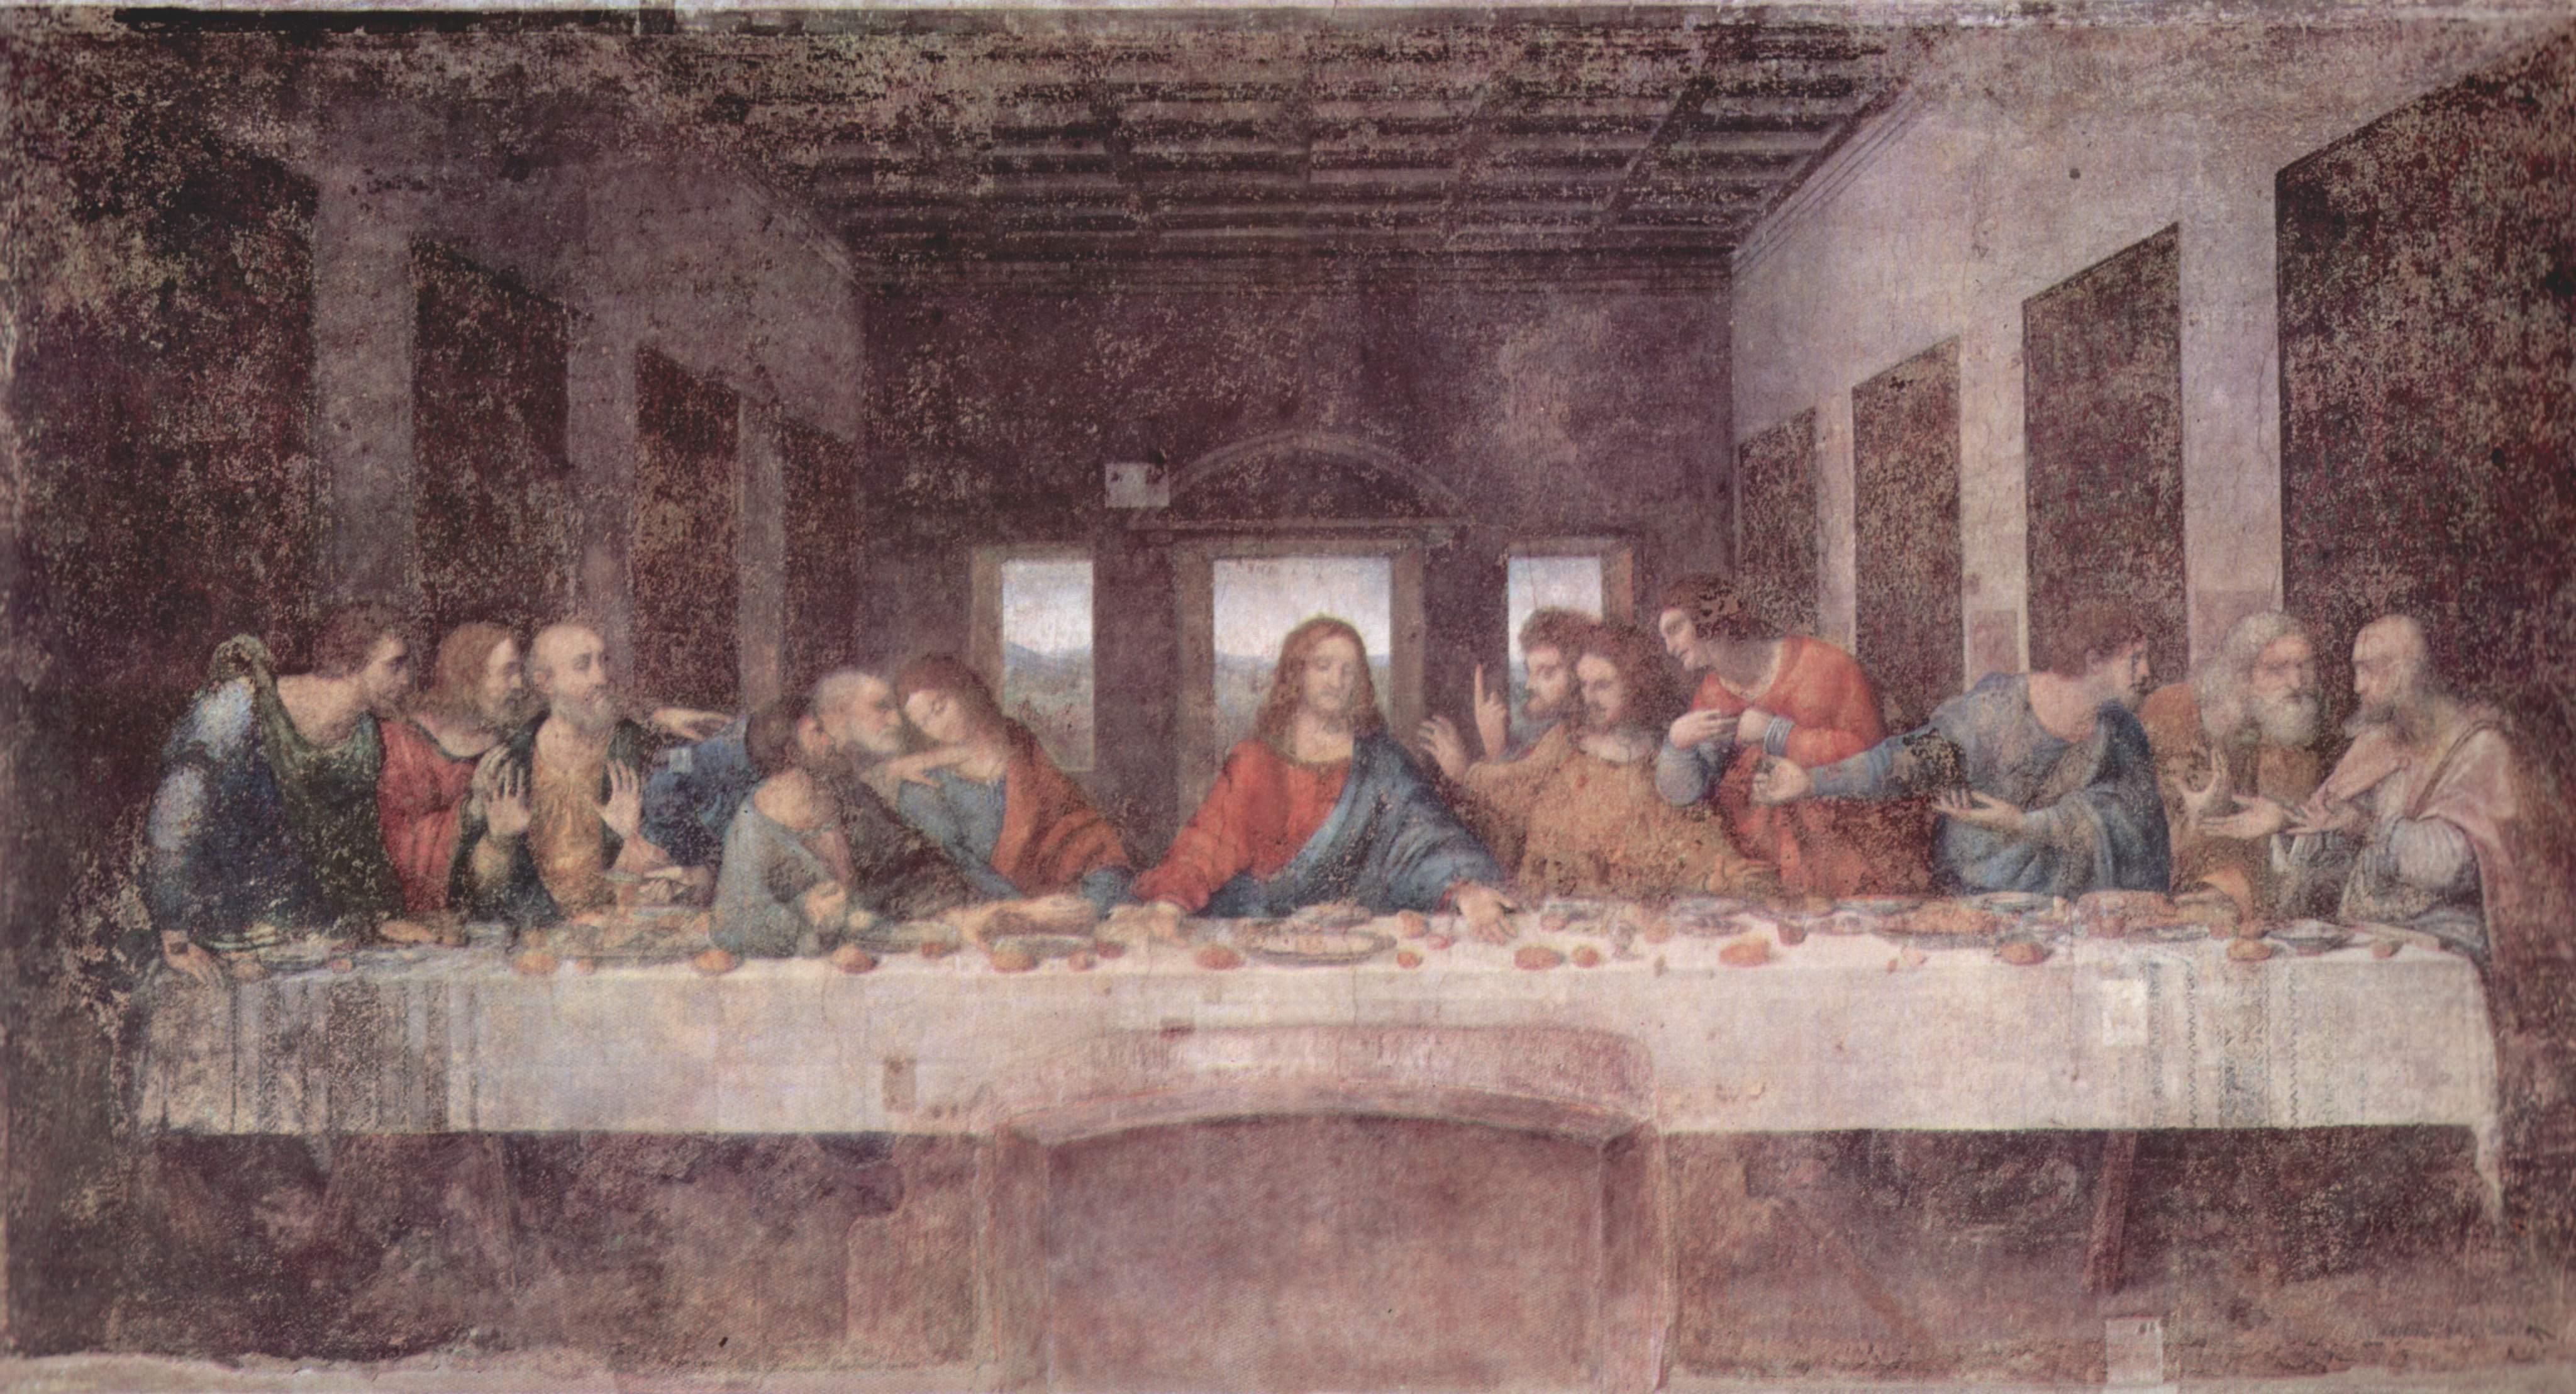 Leonardo da Vinci - The Last Supper 1495